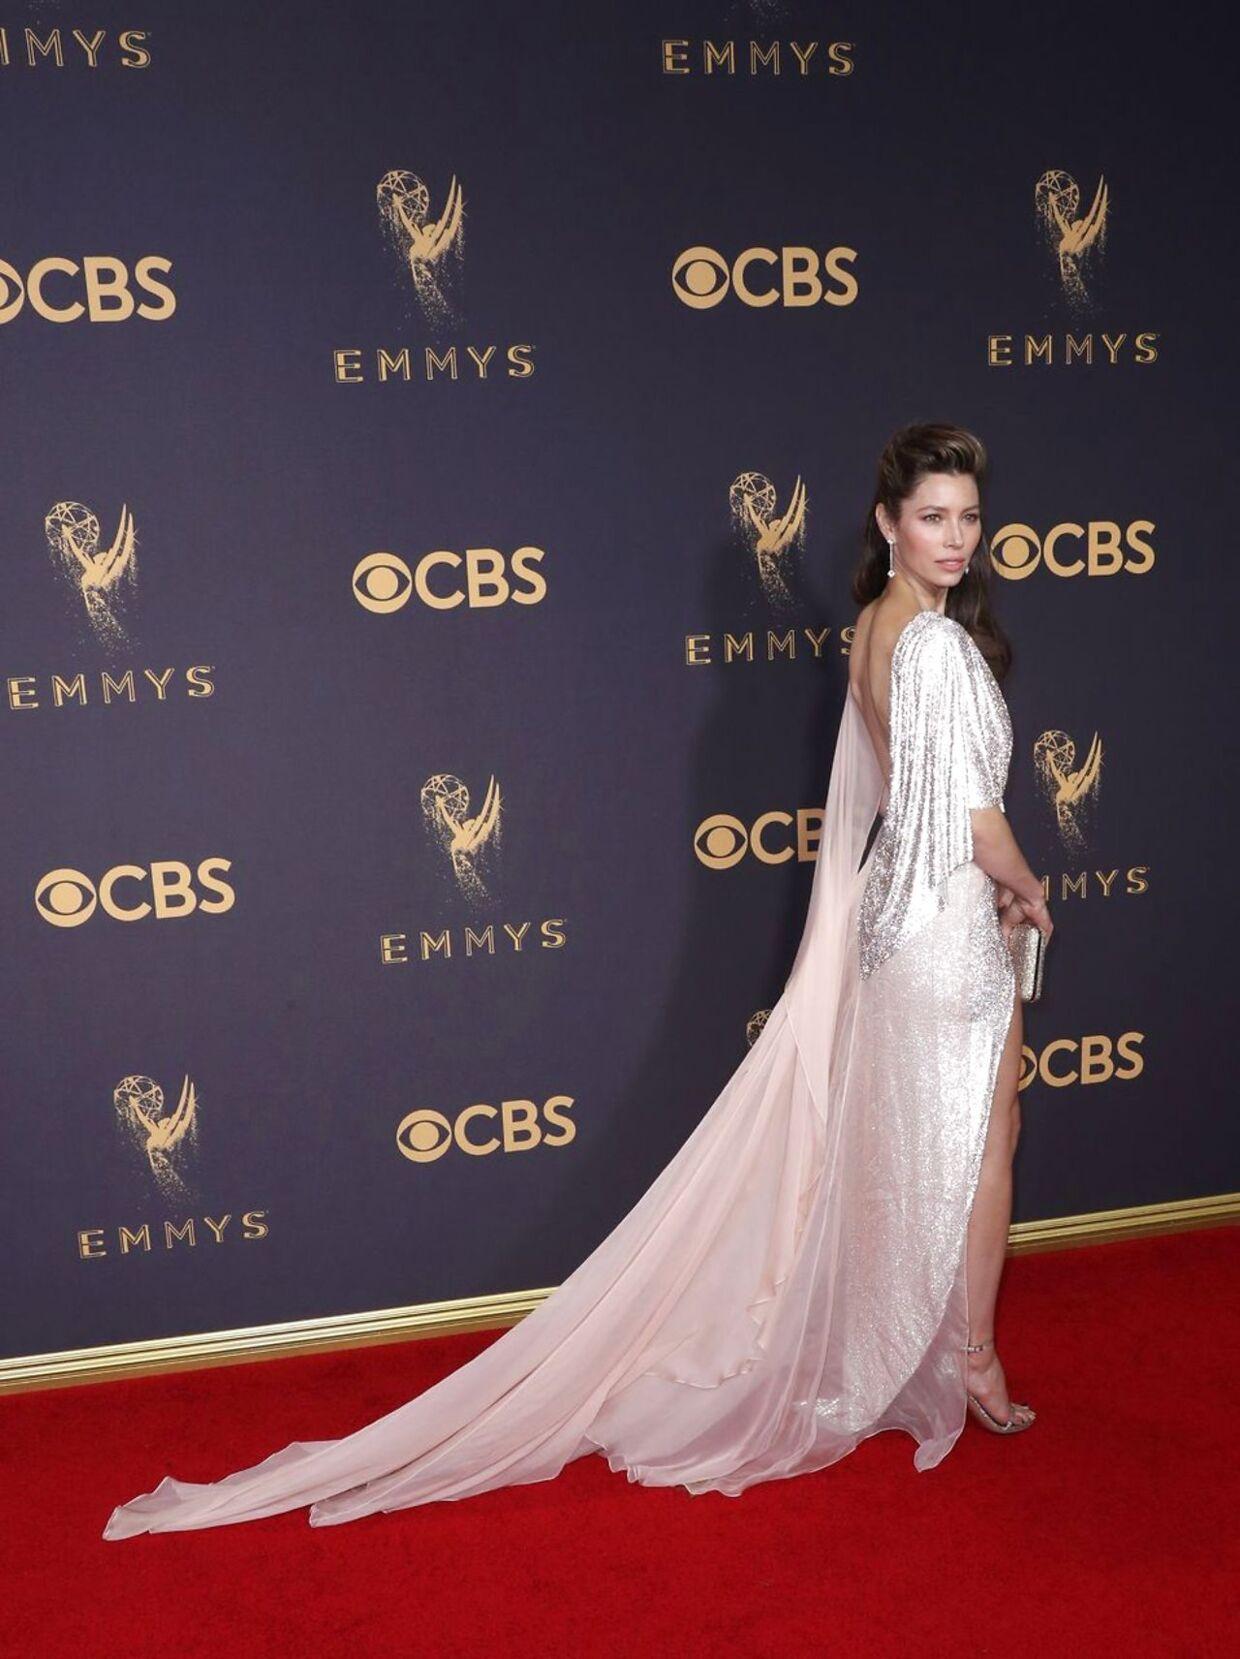 35-årige Jessica Biel ankom på den røde løber i en sølvglimmerkjole med florlet slæb af mærket 'Ralph & Russo Couture' og ifølge flere amerikanske medier blev hun udråbt blandt de bedst klædte denne aften.